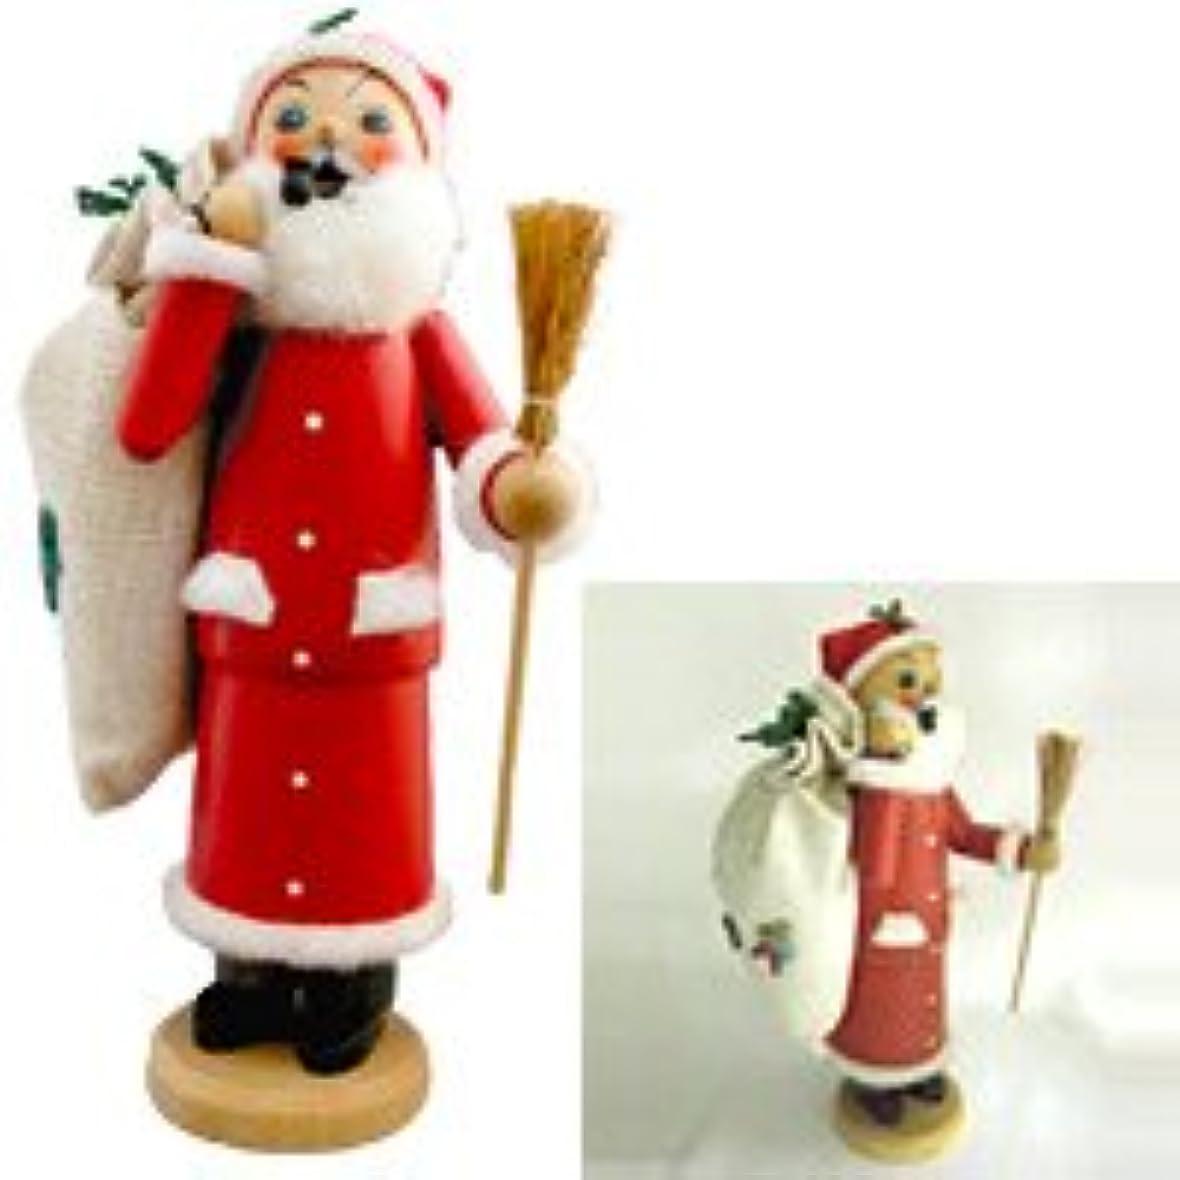 回想王子広まったクーネルト インセンススタンド(香皿) パイプ人形 サンタクロース